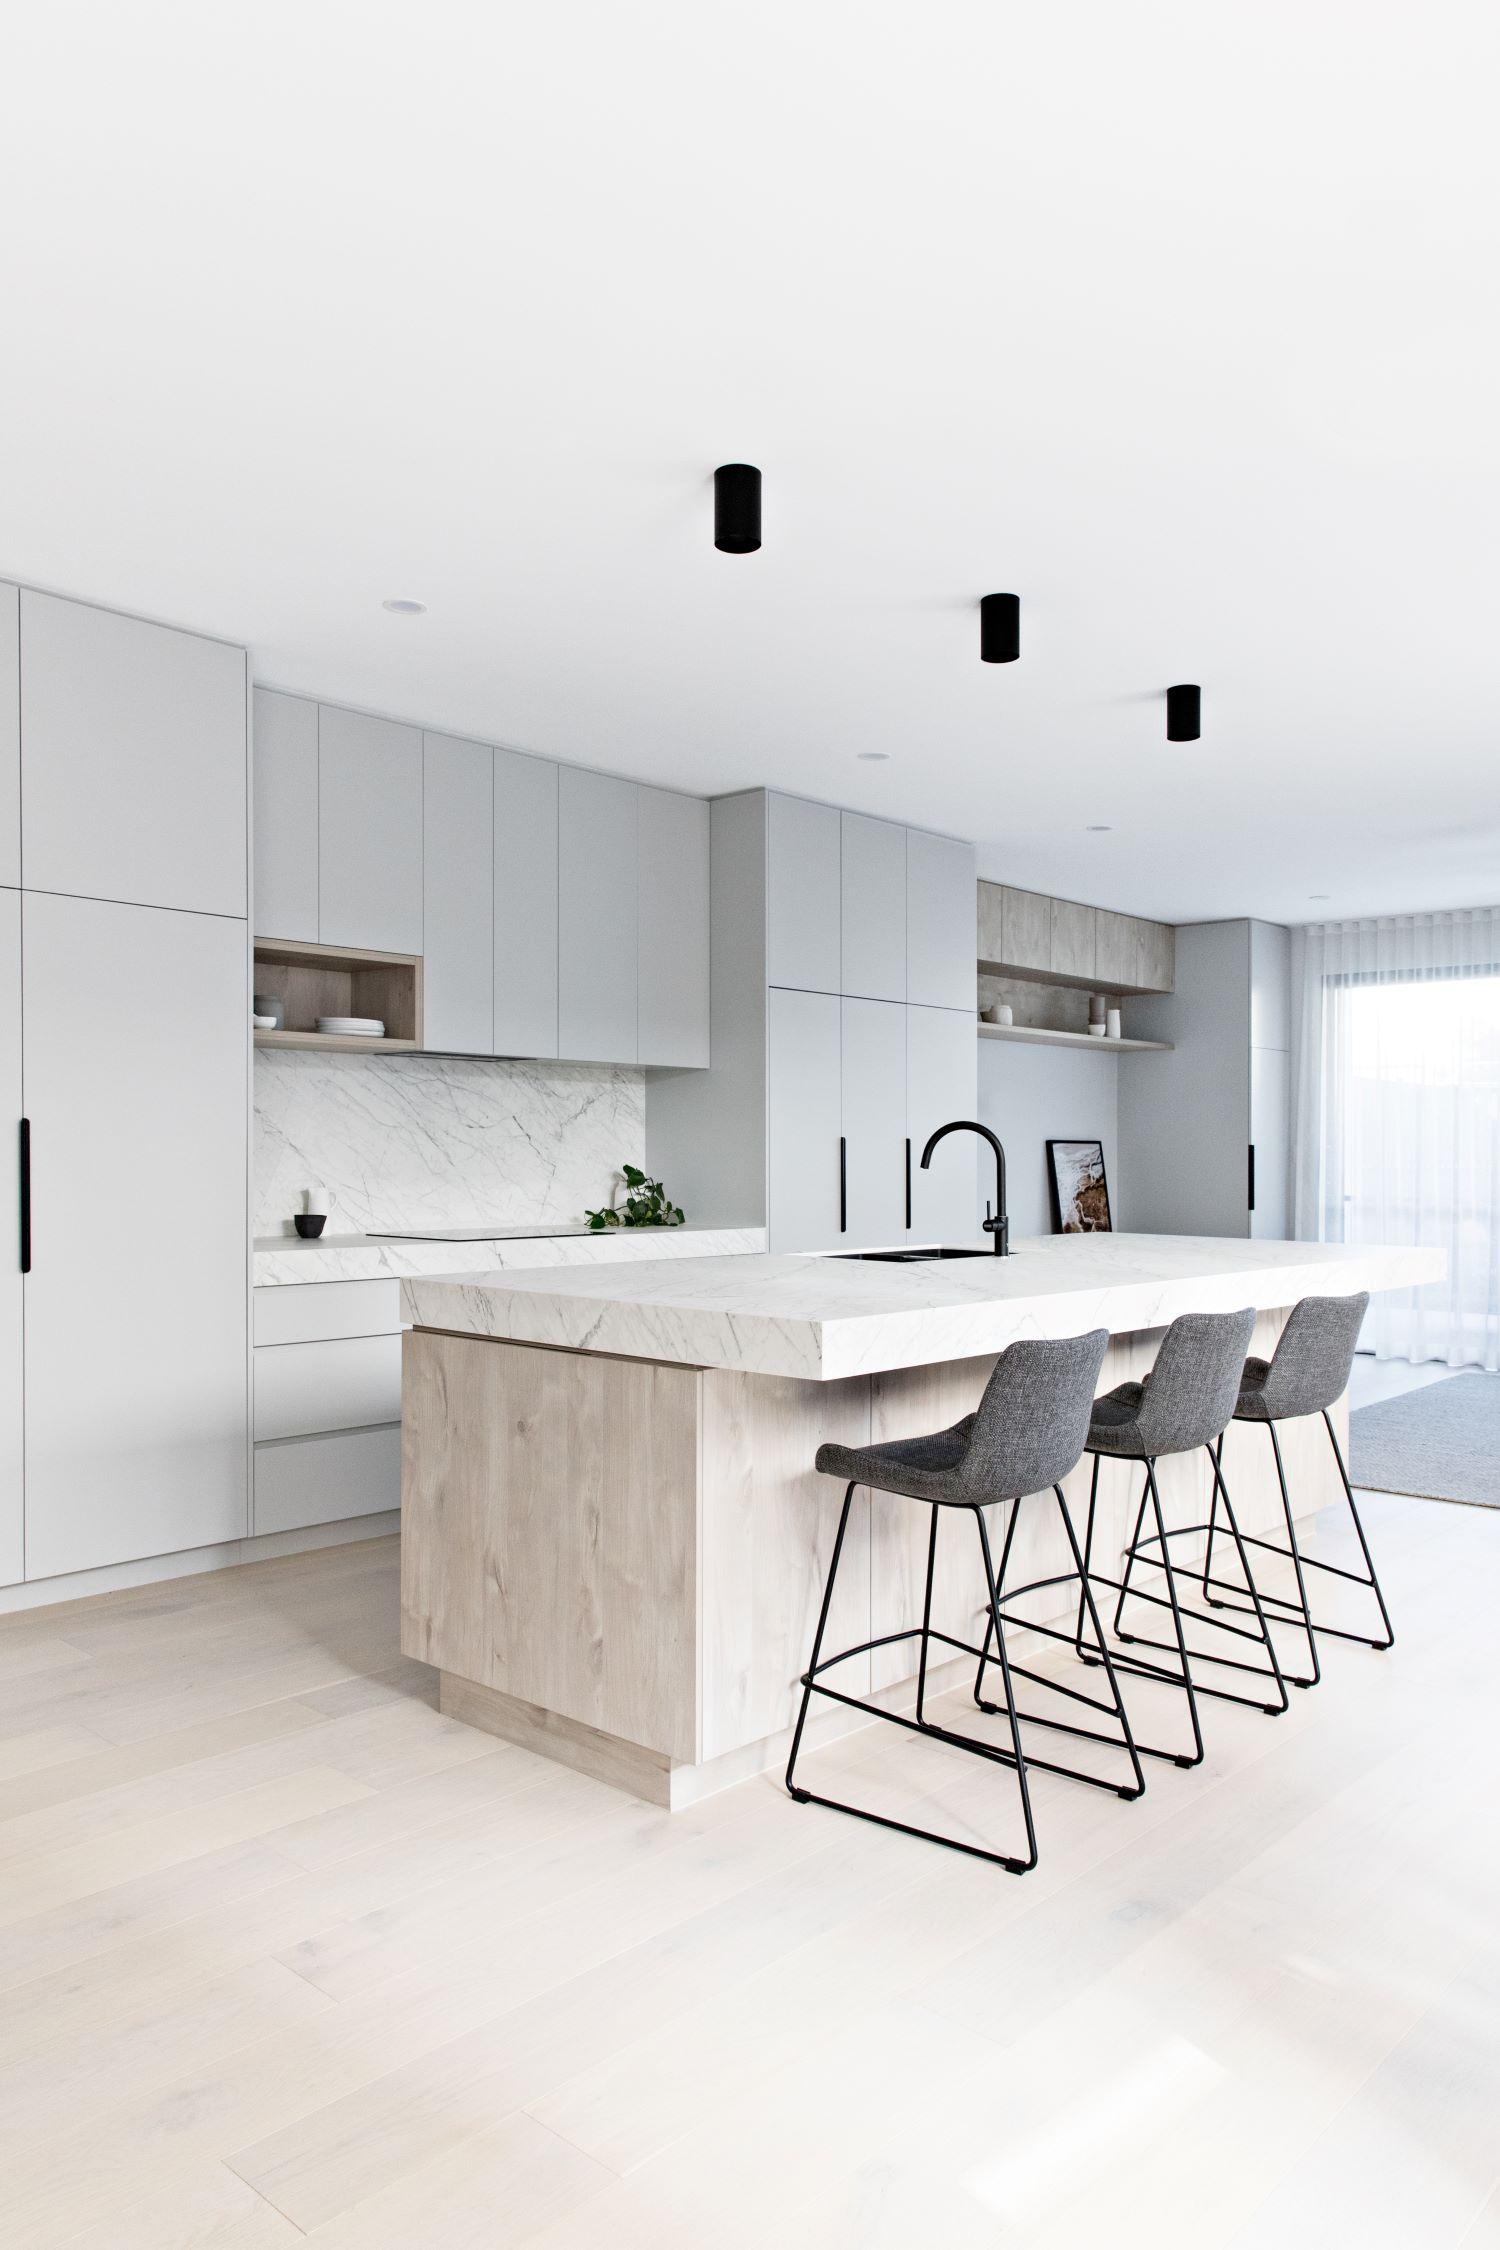 zephyr-stone-interior-design-influencers-kitchen